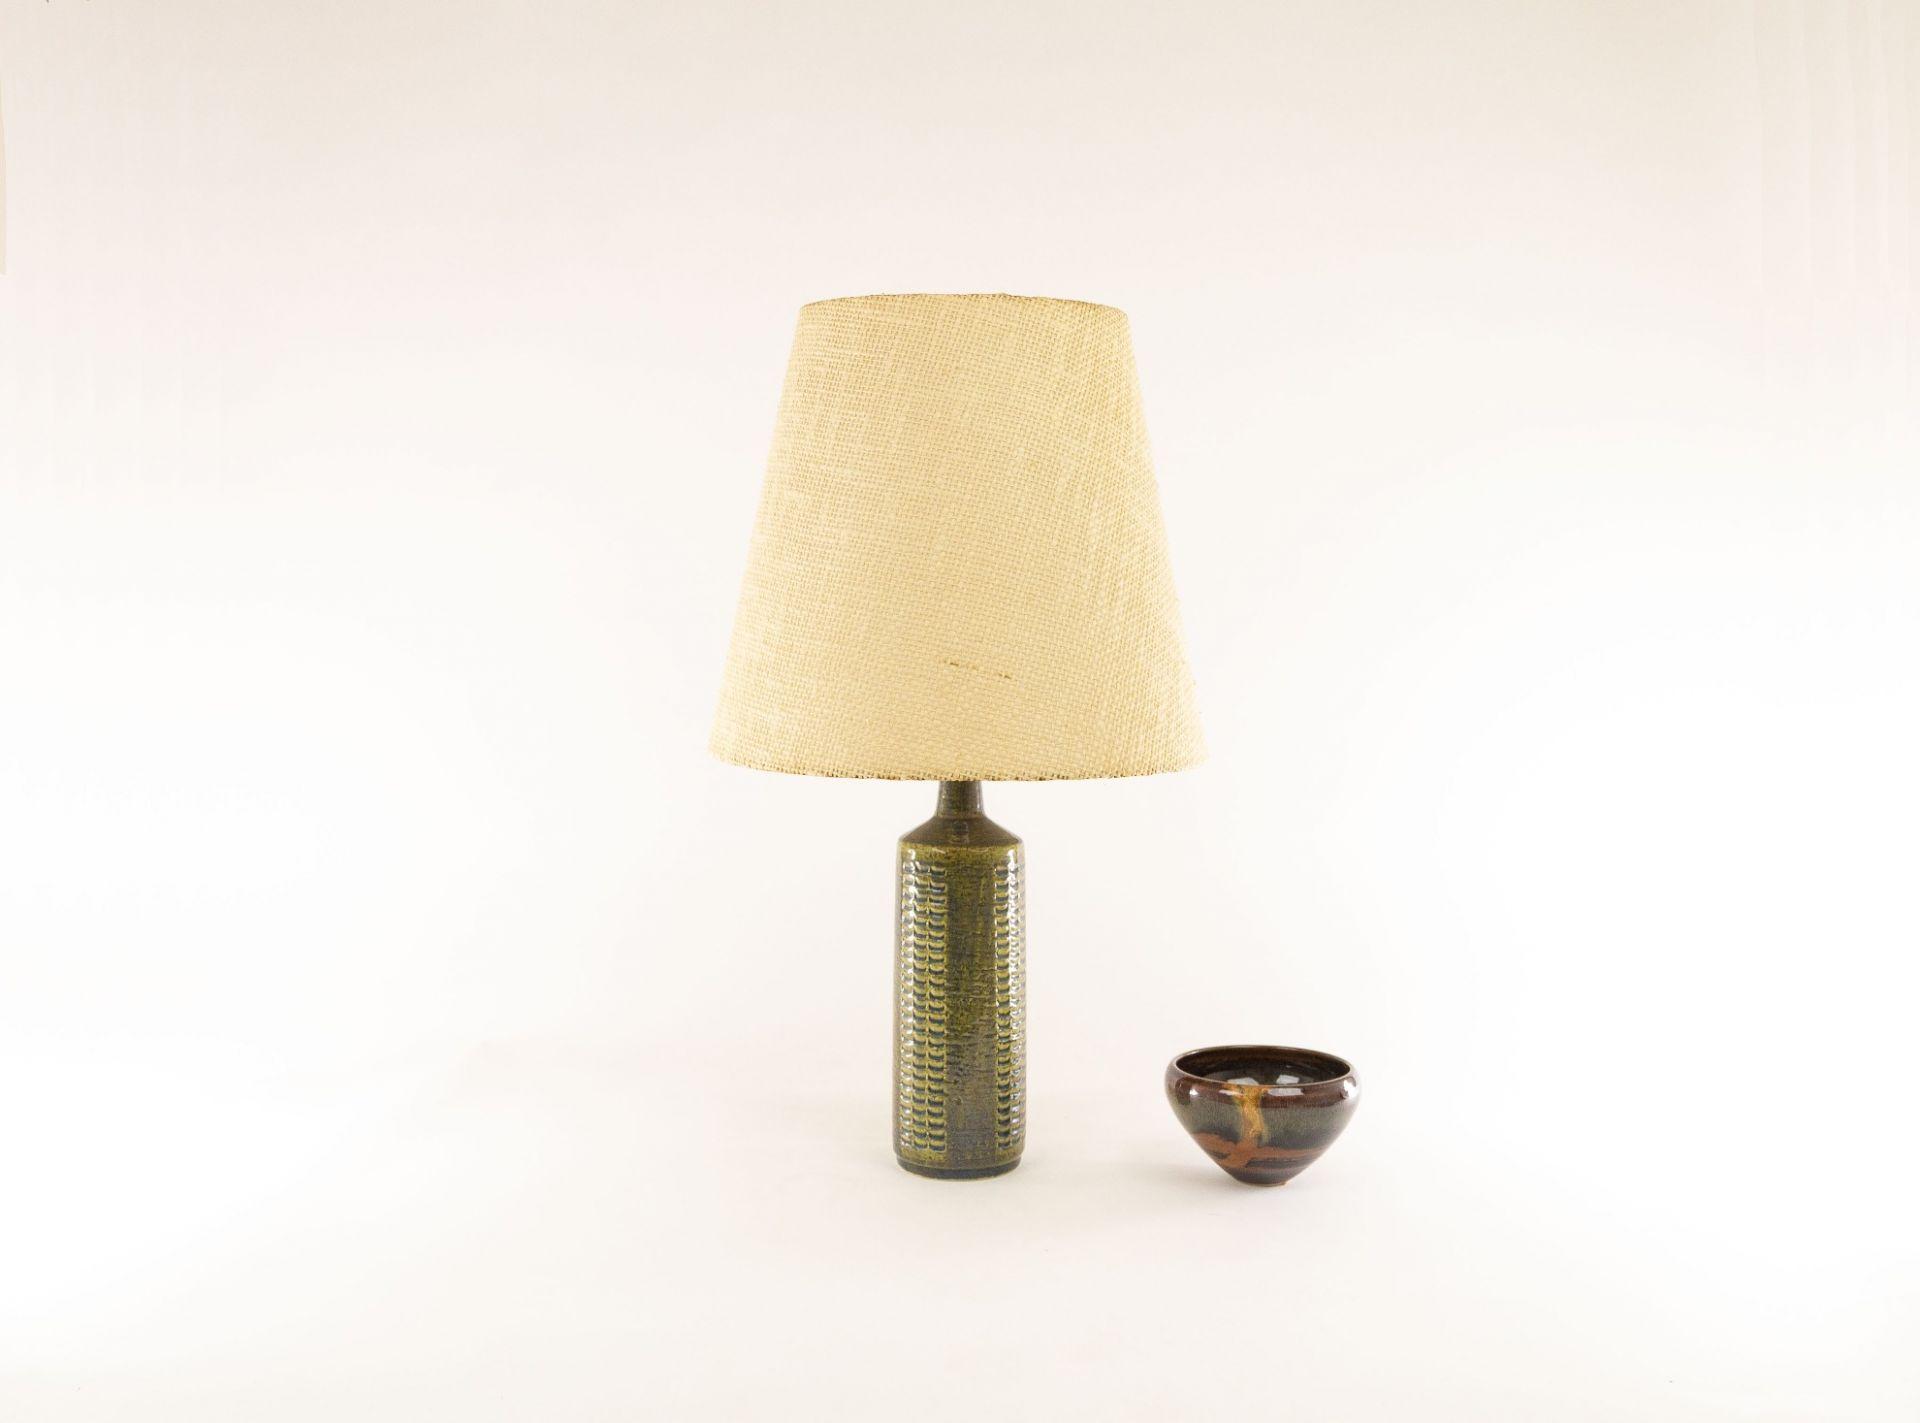 Green & silver blue table lamp model DL/27 by Per Linnemann-Schmidt for Palshus